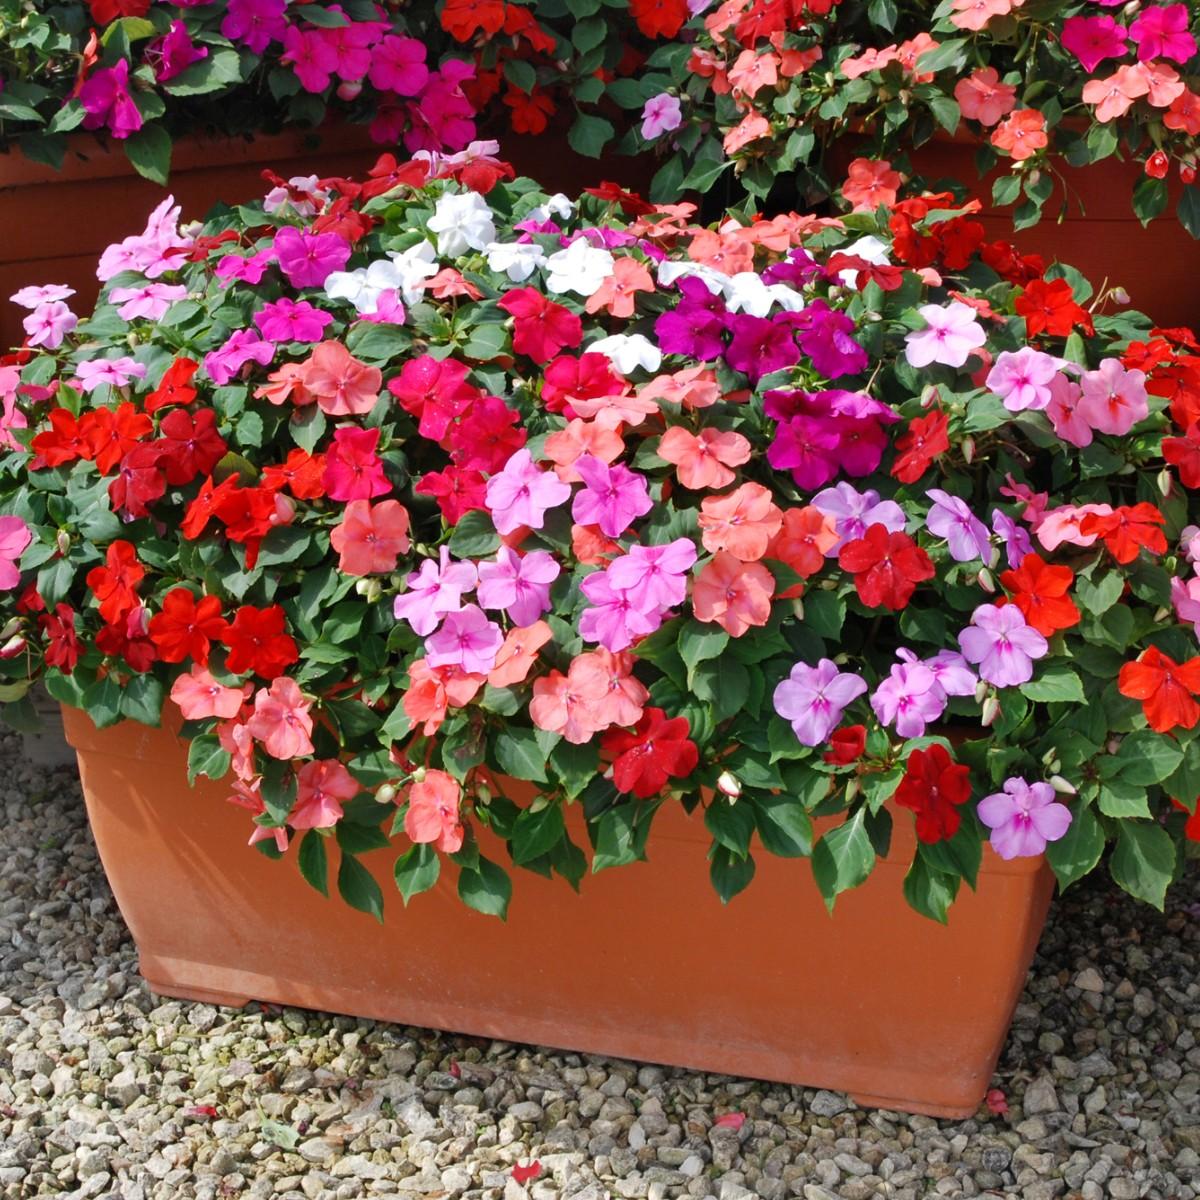 Ngọc thảo cho hoa nhiều màu sắc rực rỡ từ trắng, hồng, đỏ, cam,… đến phối trộn kết hợp nhiều màu khác nhau.